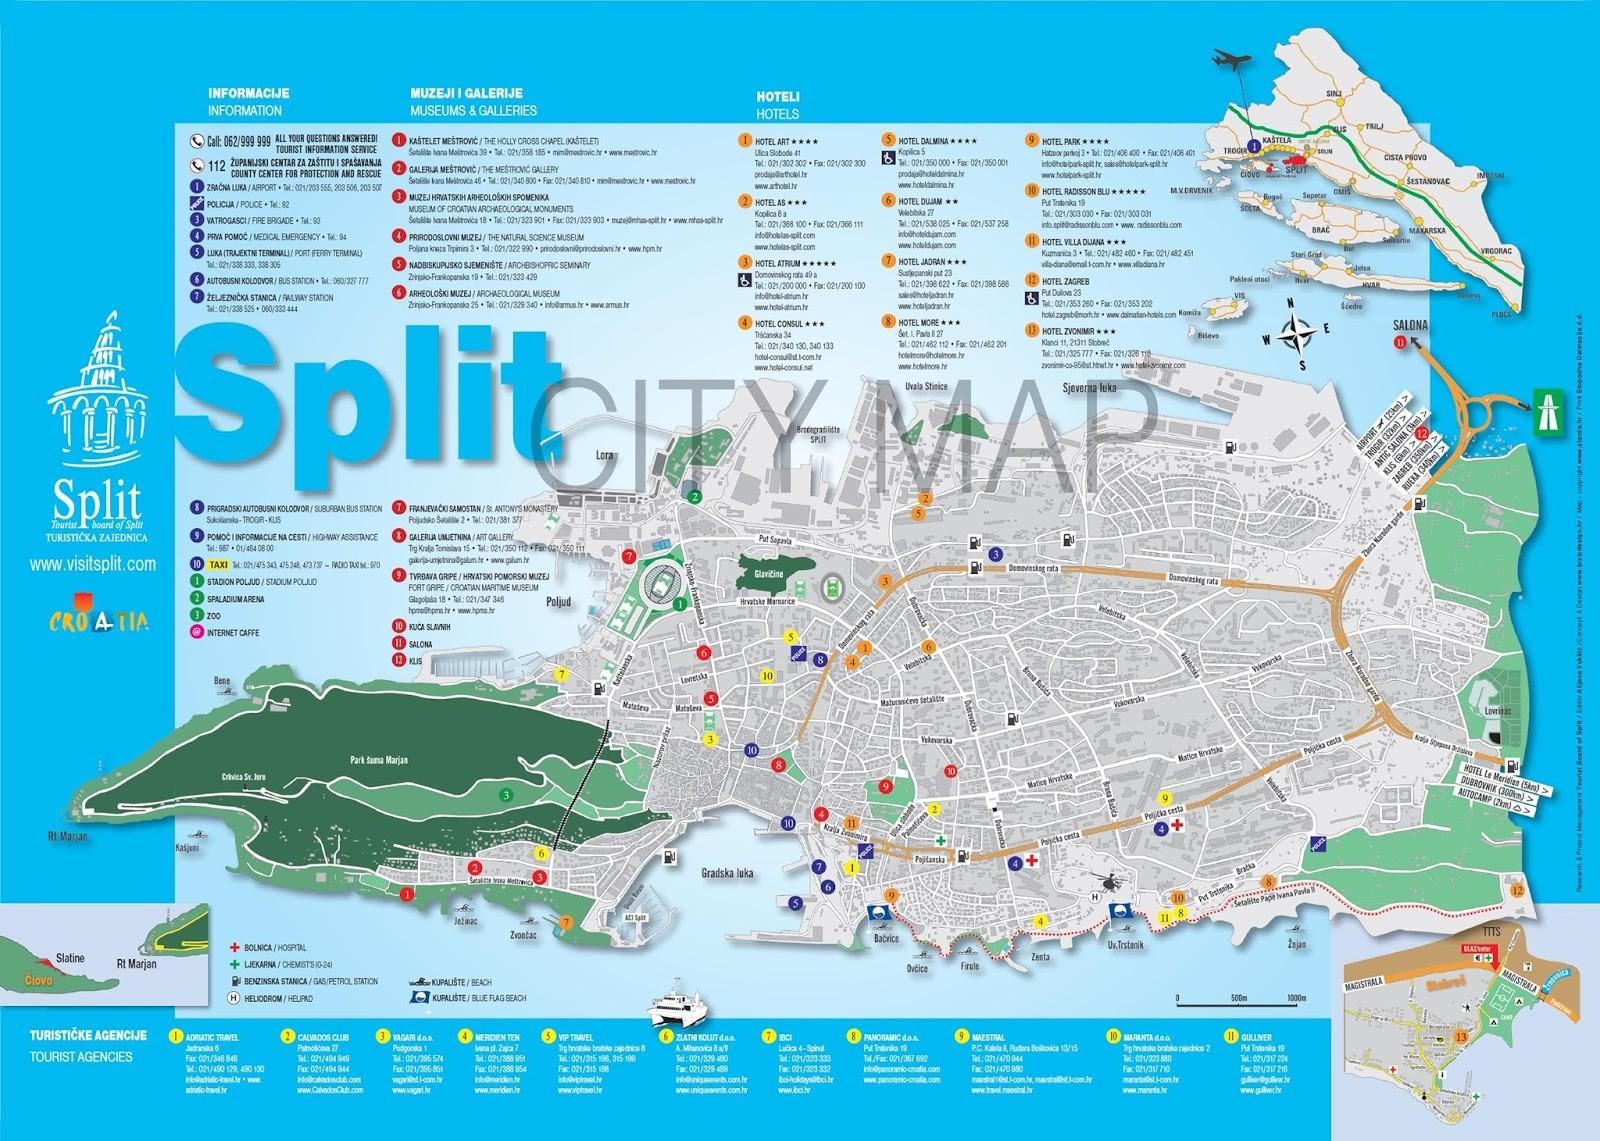 PLAN split touristique